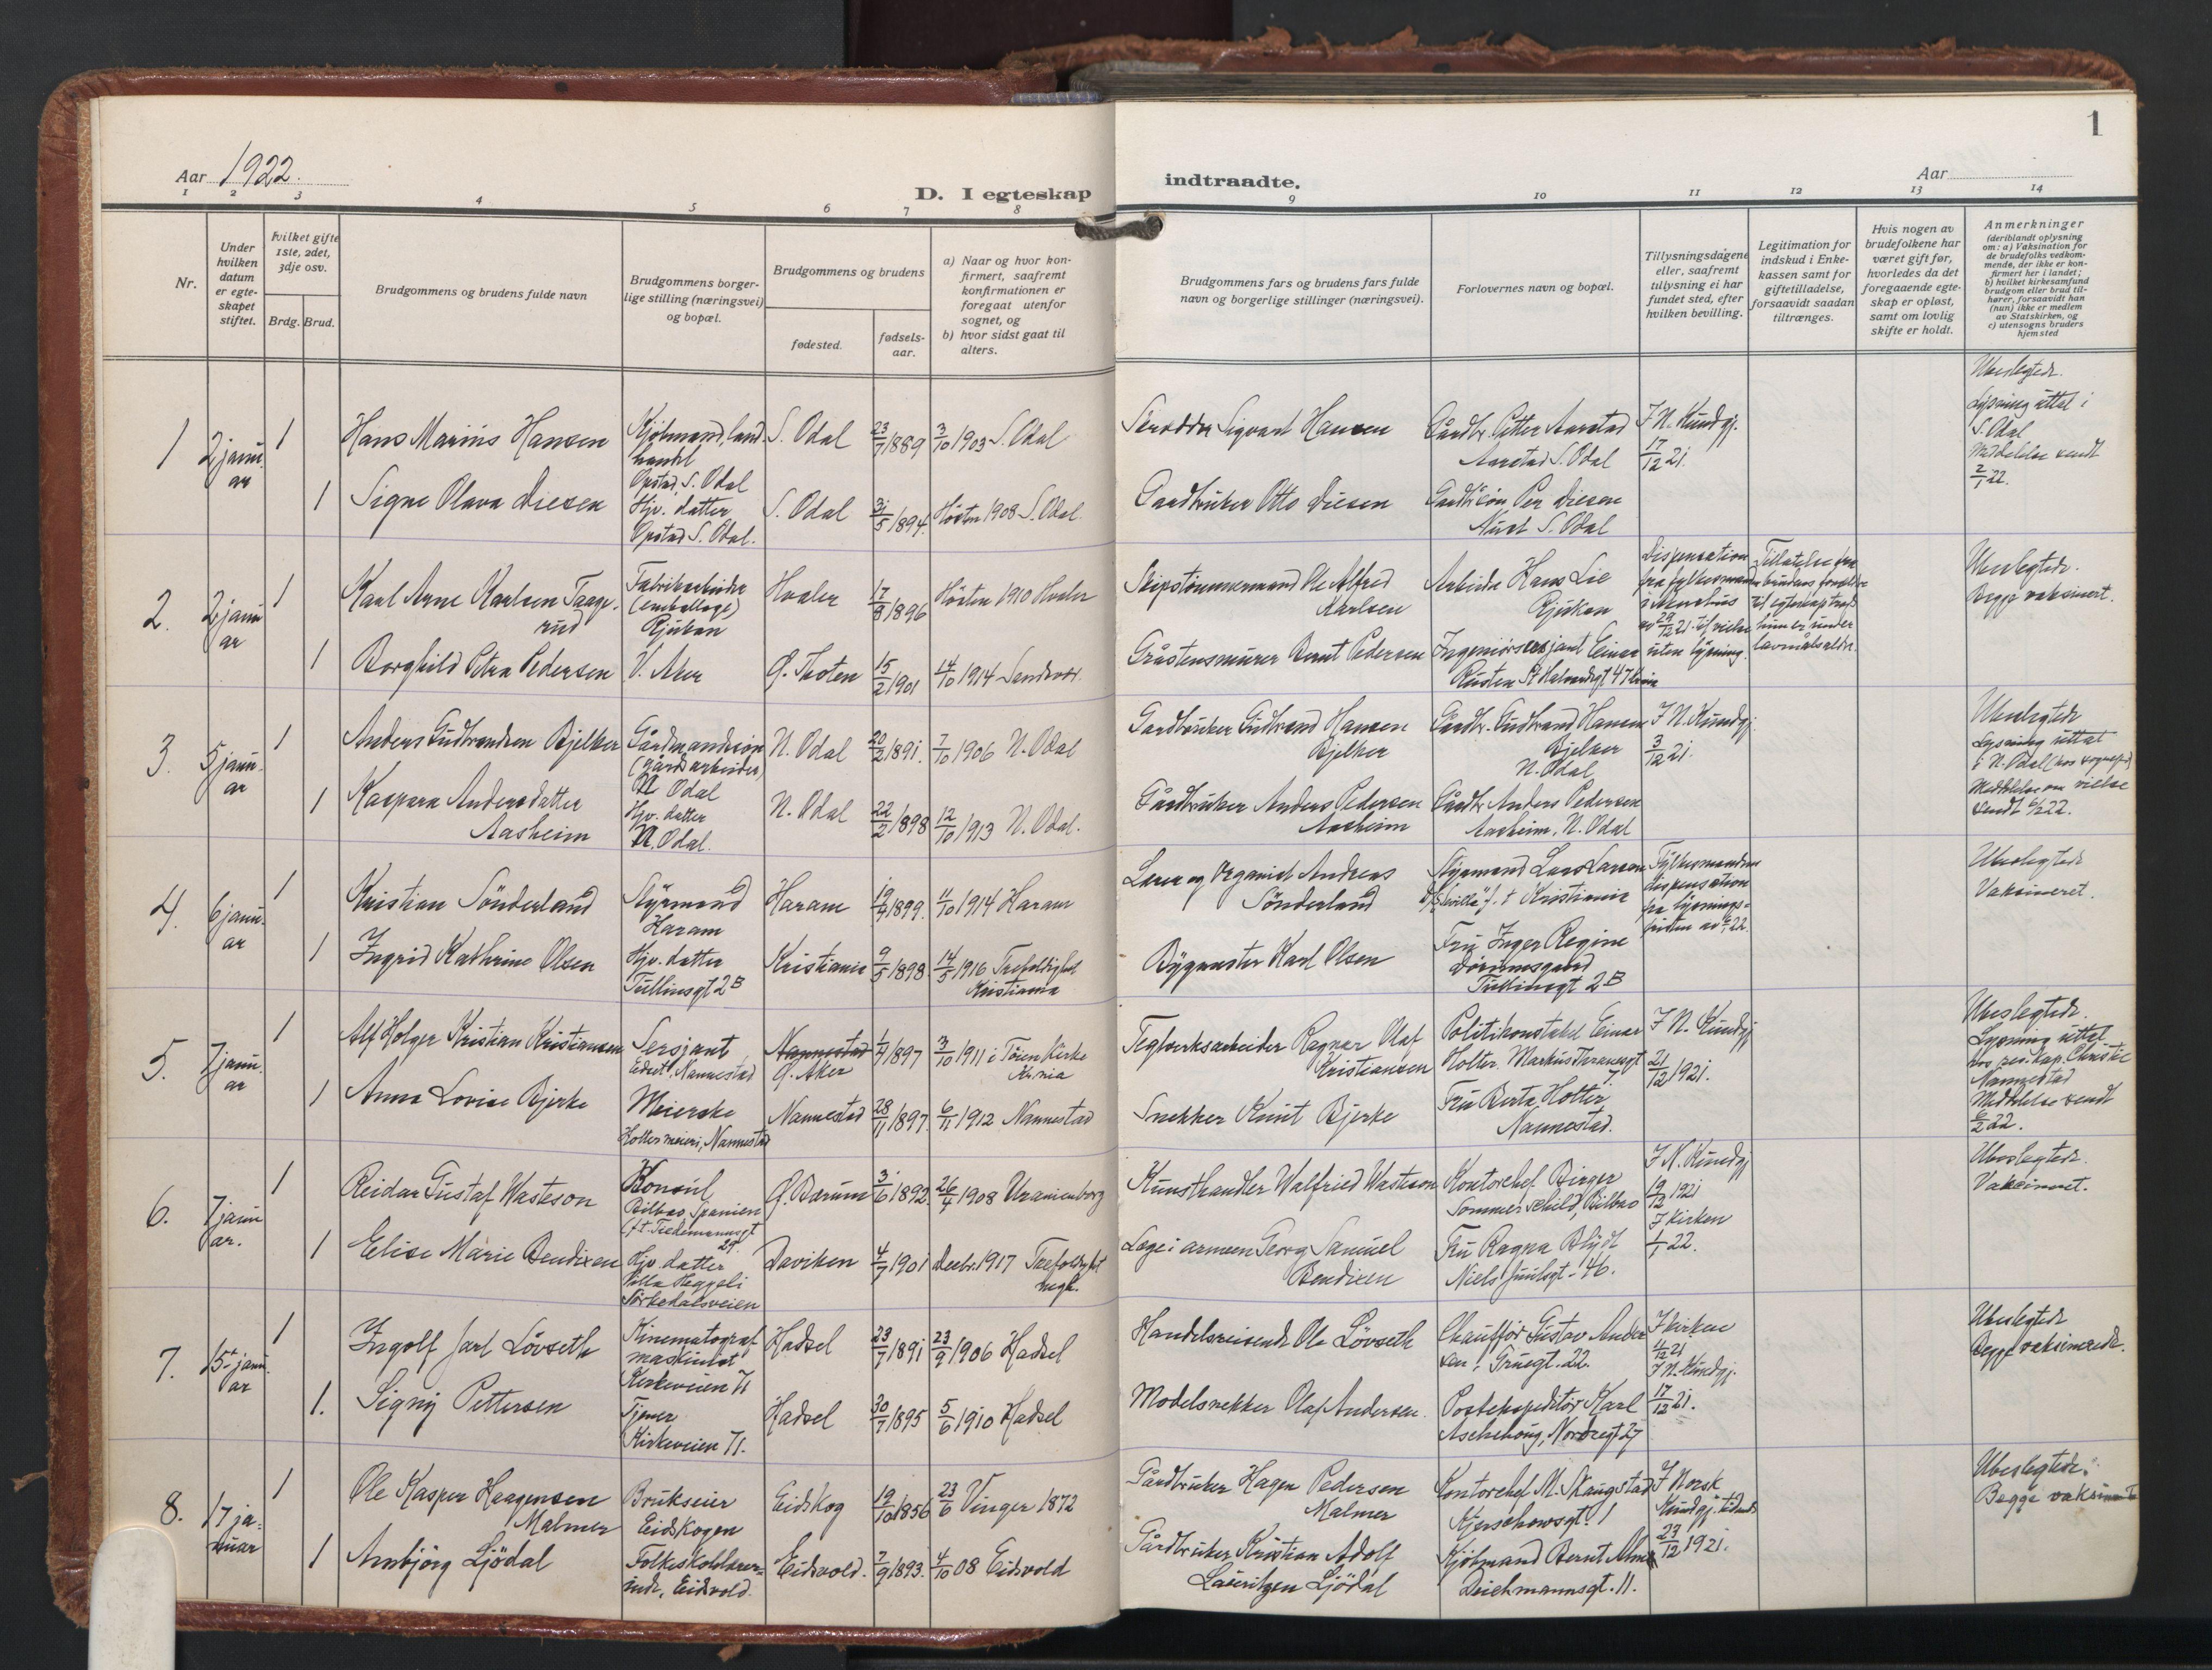 SAO, Trefoldighet prestekontor Kirkebøker, F/Fc/L0009: Ministerialbok nr. III 9, 1922-1936, s. 1